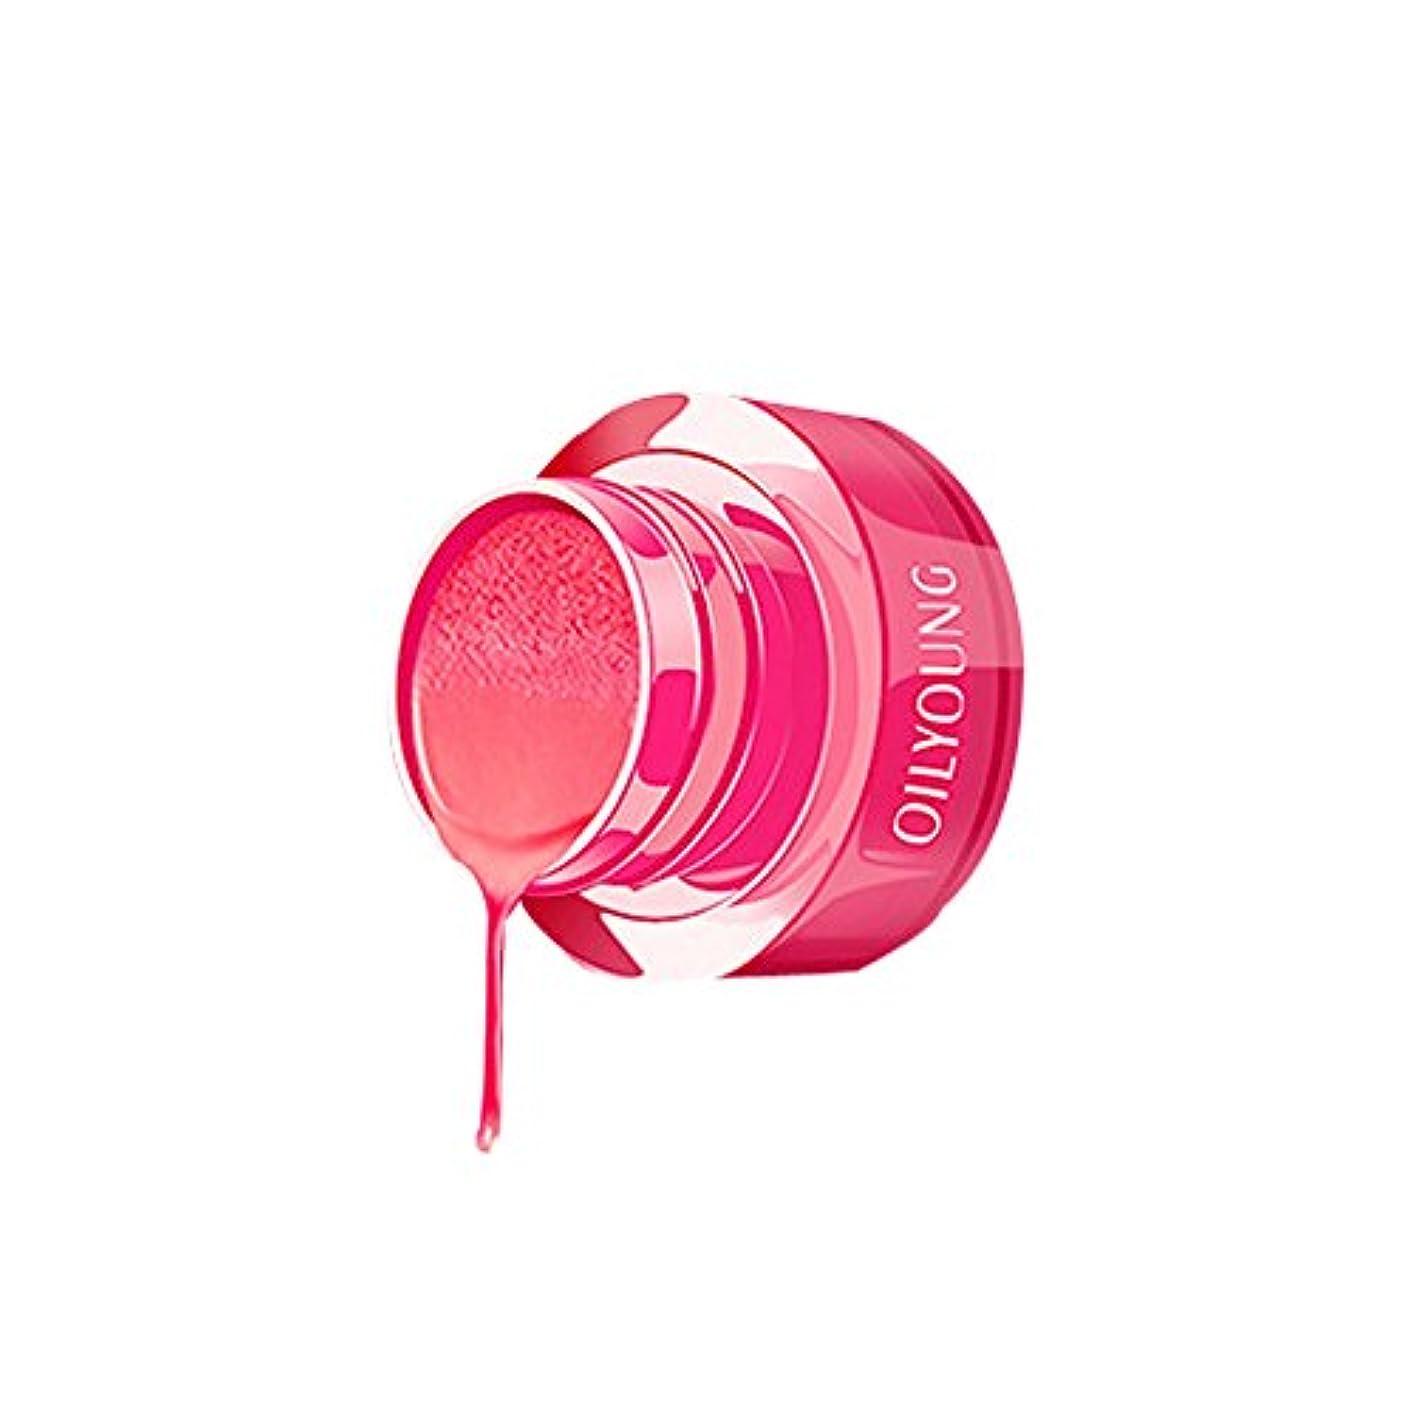 机頑張る静けさリップスティック 3グラム エアクッション口紅 ノーブル リップクリーム グラデーション 保湿 リップバーム リップグロス 化粧品 液体 水和 ツヤツヤな潤い肌の色を見せるルージュhuajuan